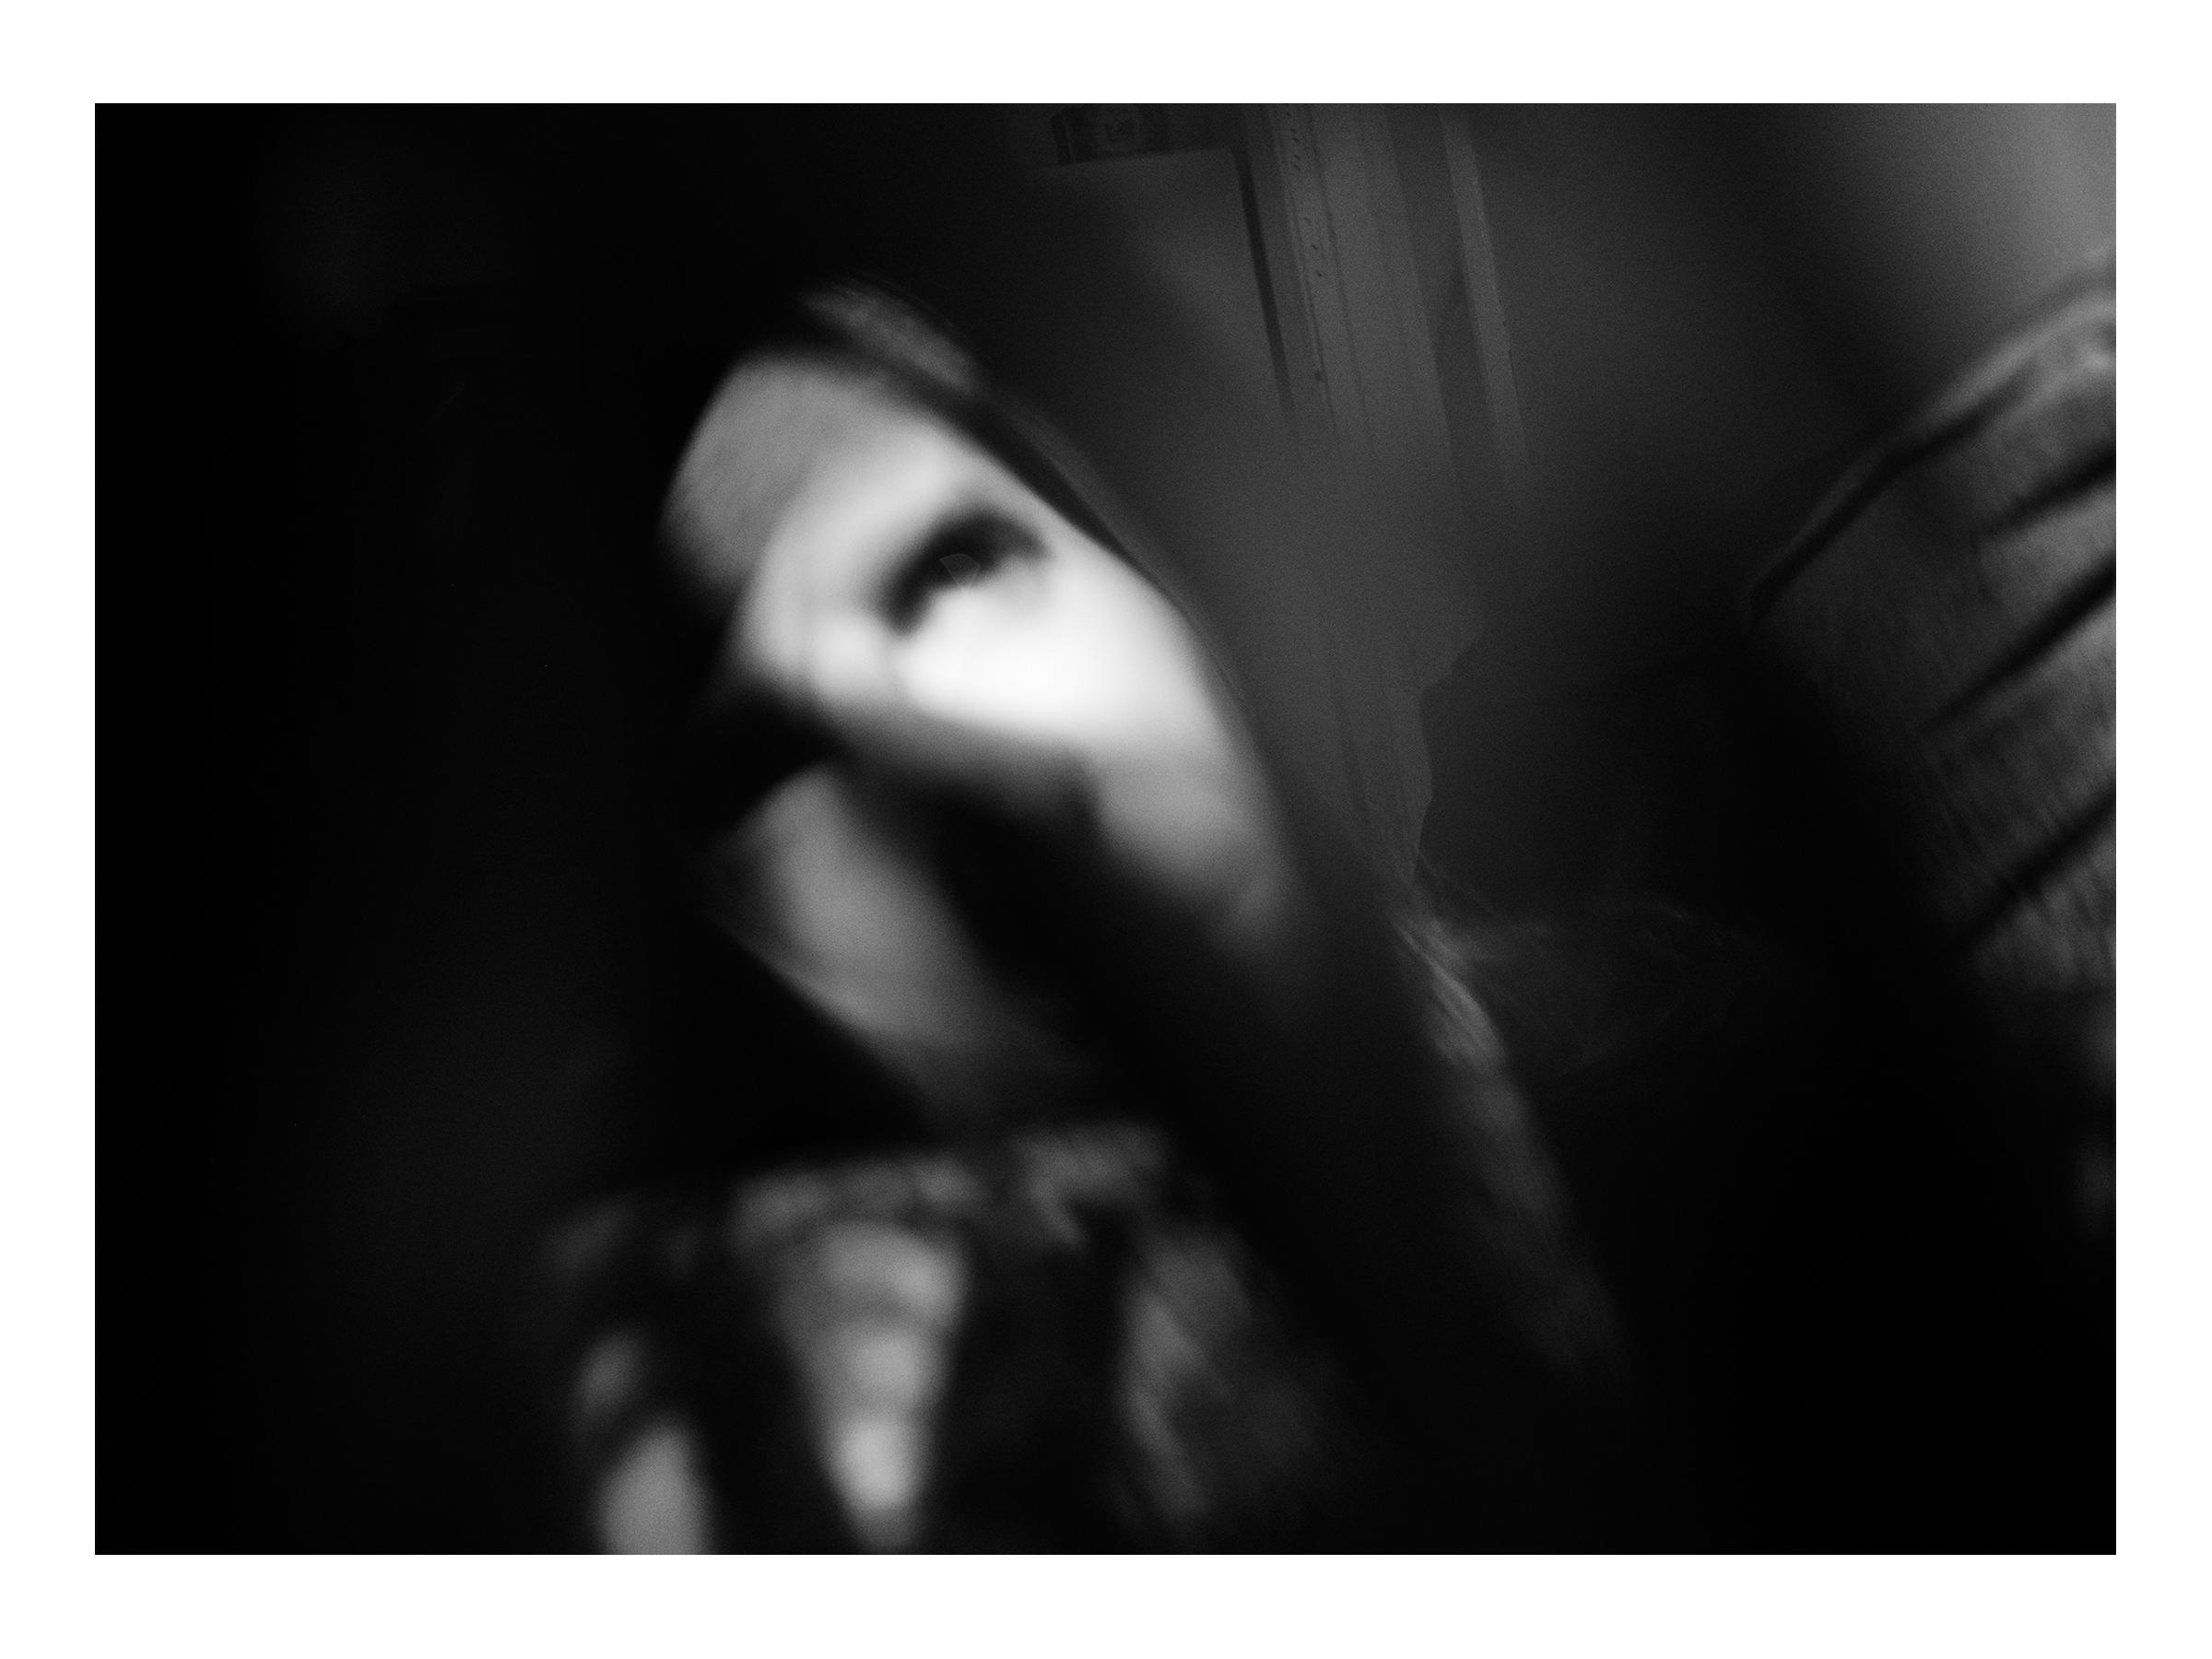 6x8-7-face.jpg